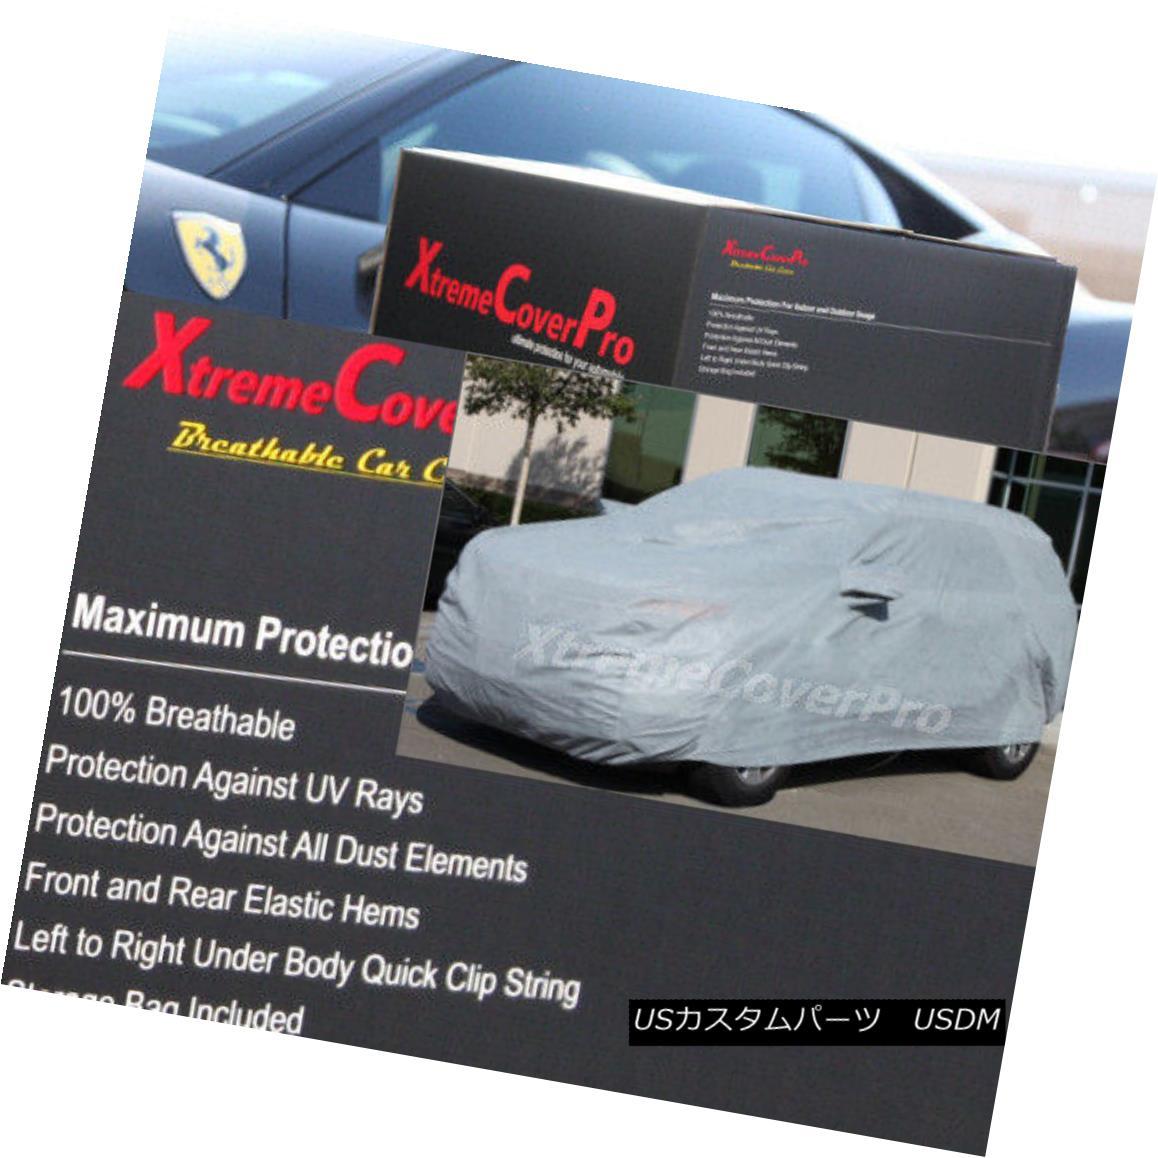 カーカバー 2017 2018 VOLVO XC40 BREATHABLE CAR COVER W/MIRROR POCKET - GREY 2017 2018 VOLVO XC40走行可能な車カバー付き/ミラーポケット - グレー